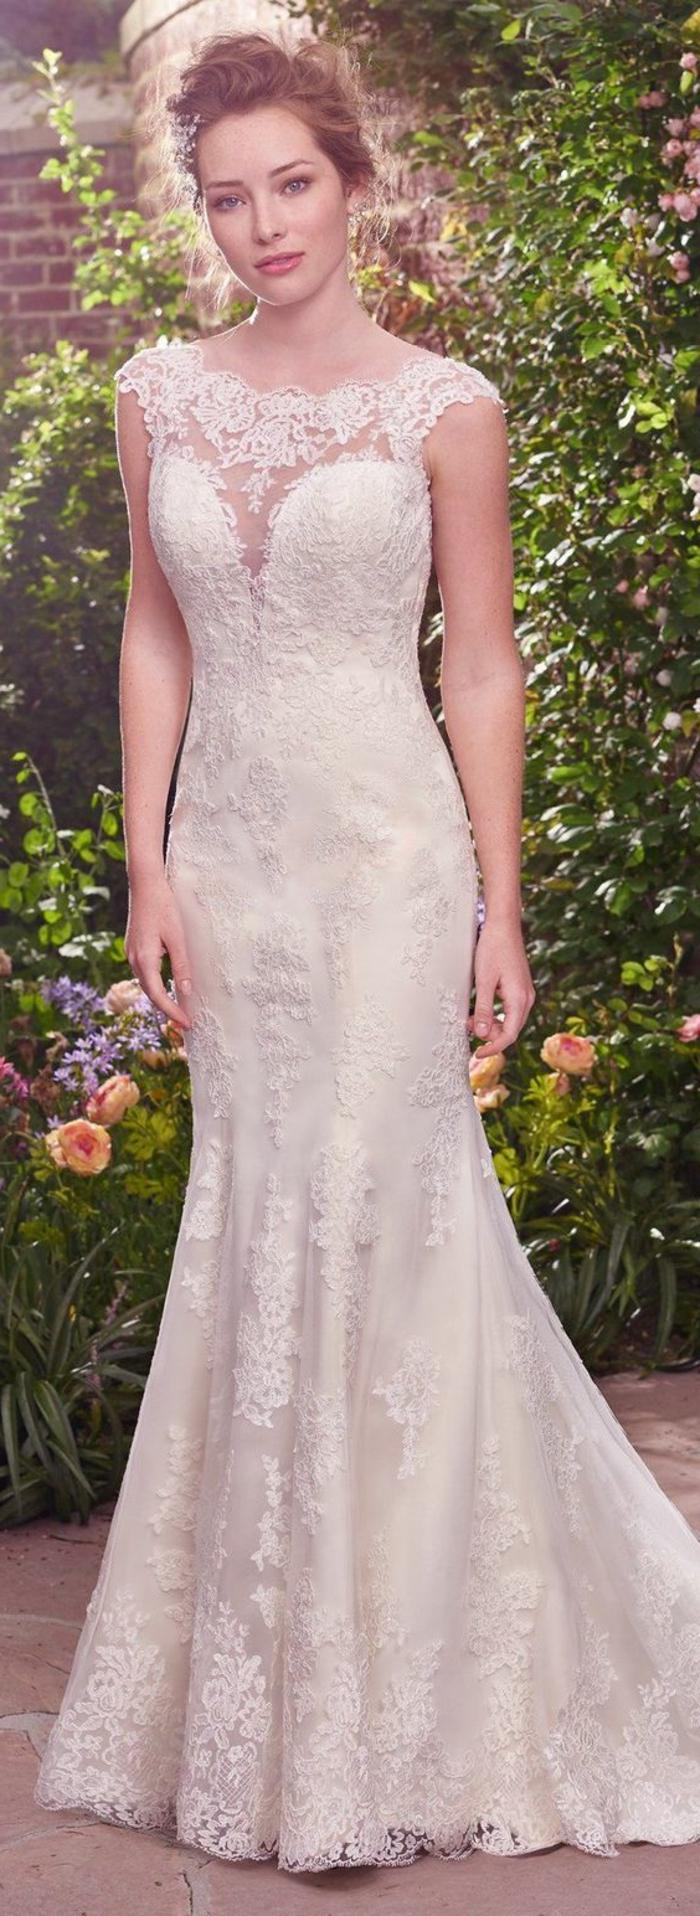 robe de mariée sirène, broderies, chignon original, décoleté tulle et broderie